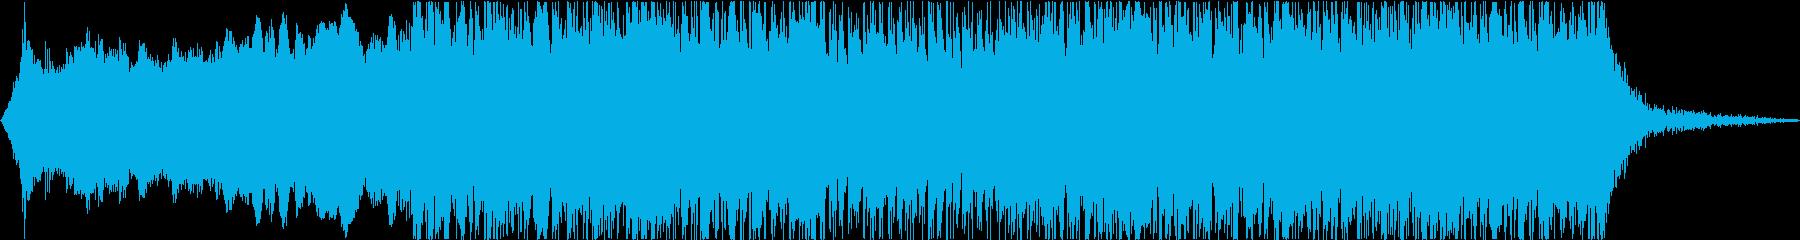 和太鼓☆緊迫感のあるBGMの再生済みの波形